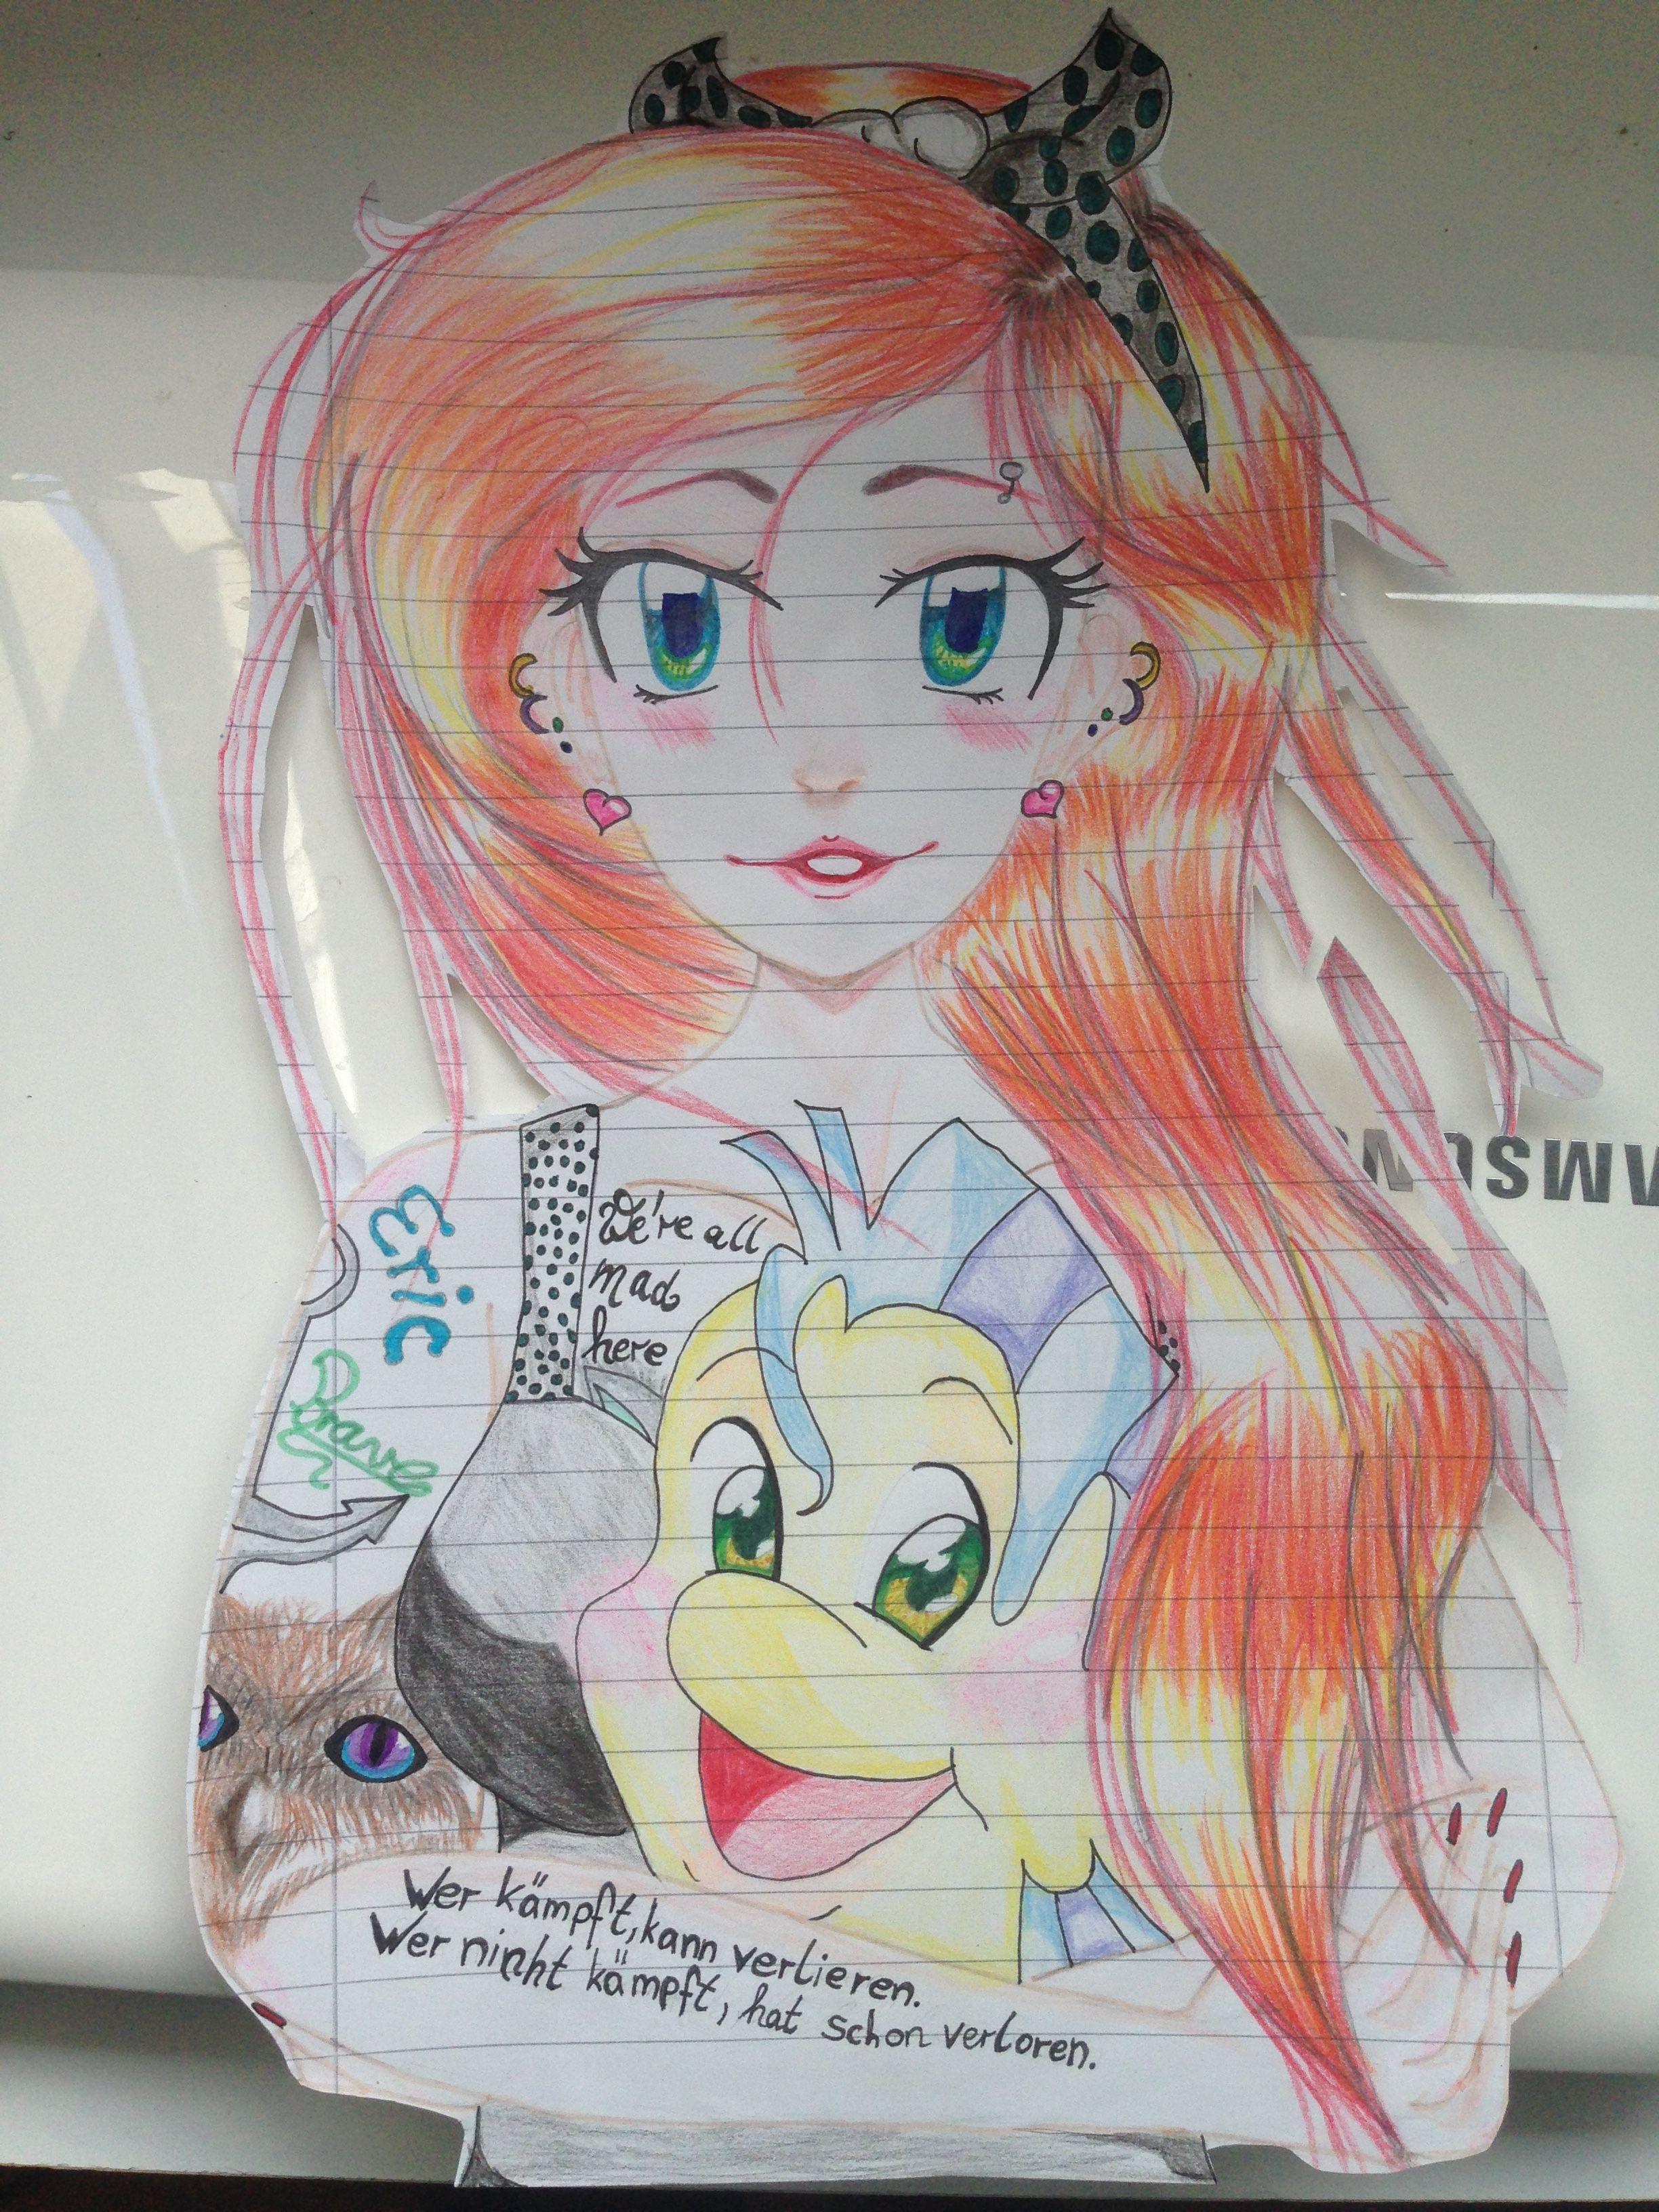 Pin by FoxyVixen on fav art Anime, Art, Drawings